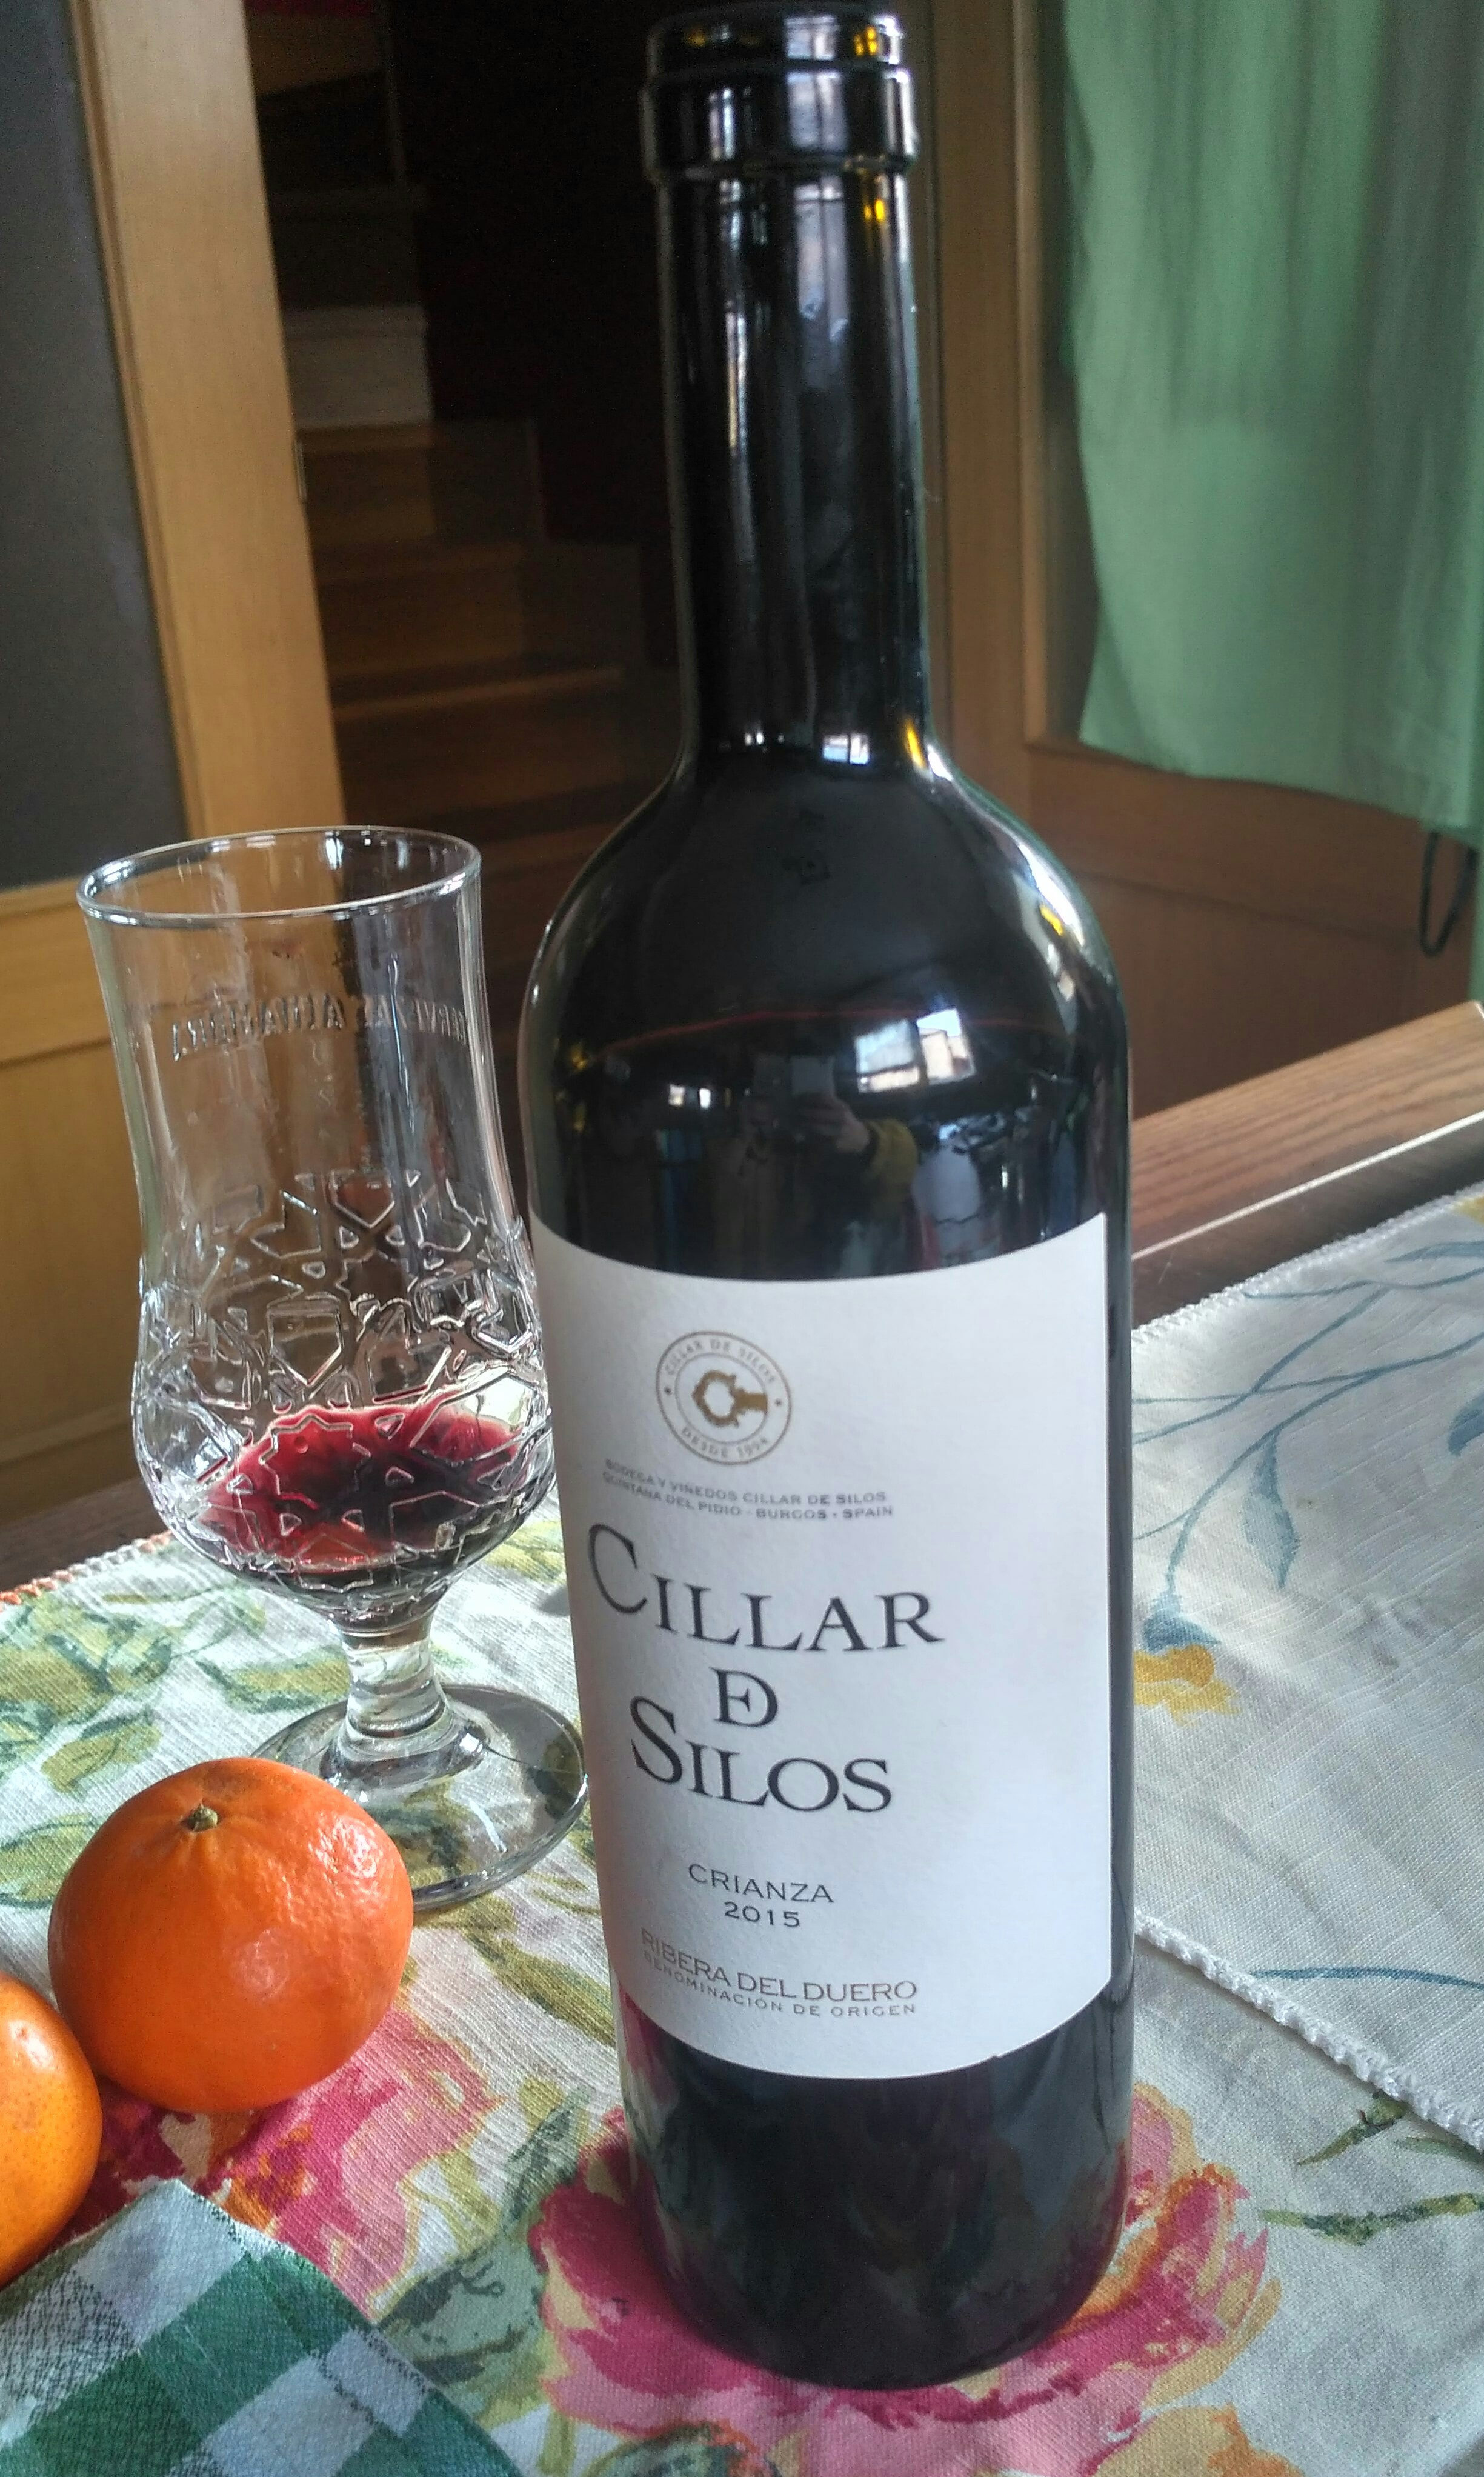 Cillar De Silos, criamza 2015 - Producto - es